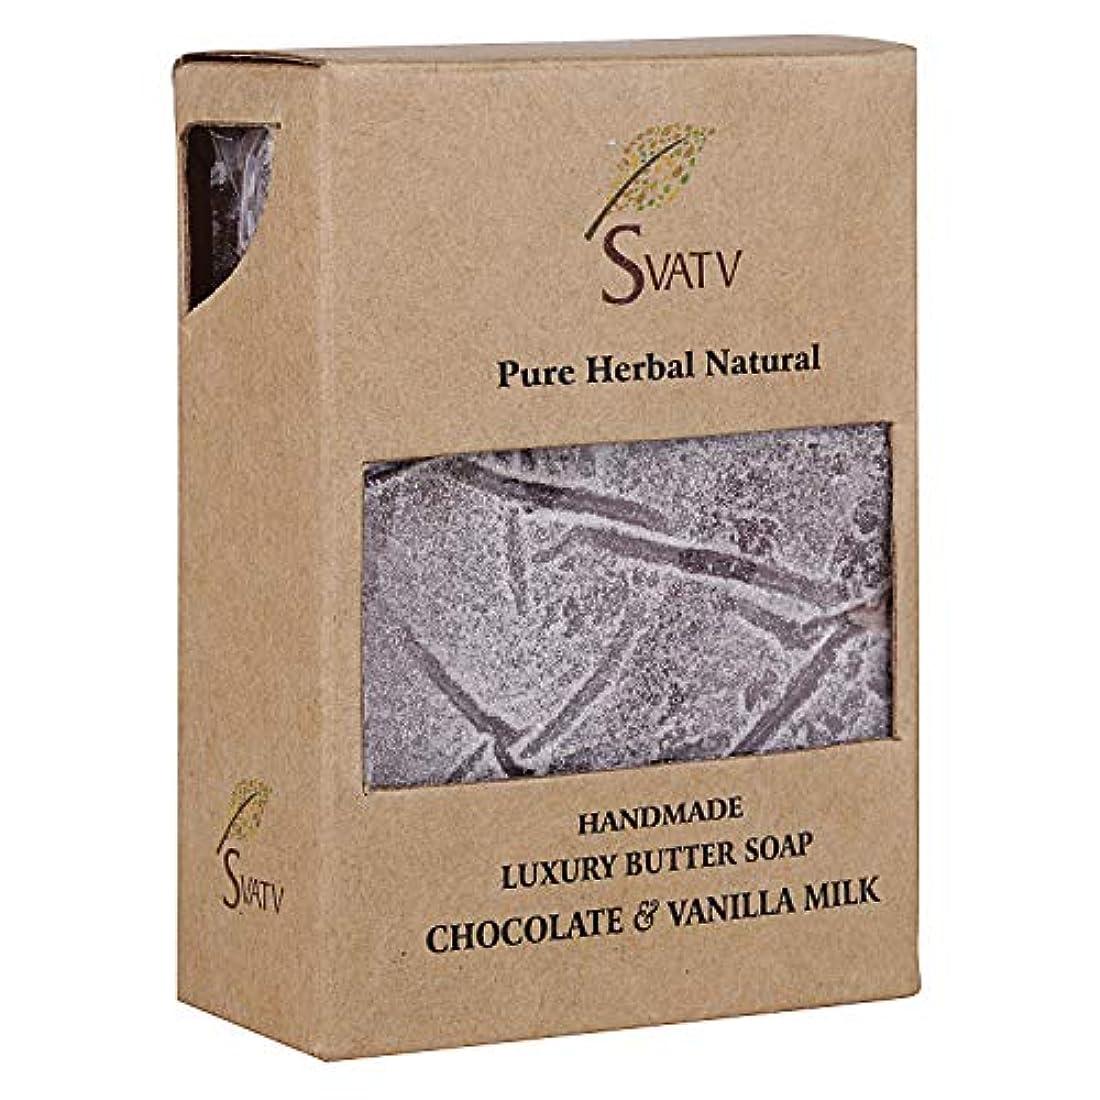 笑いフィクションおじいちゃんSVATV Handmade Luxury Butter Soap Chocolate & Vanilla Milk For All Skin types 100g Bar